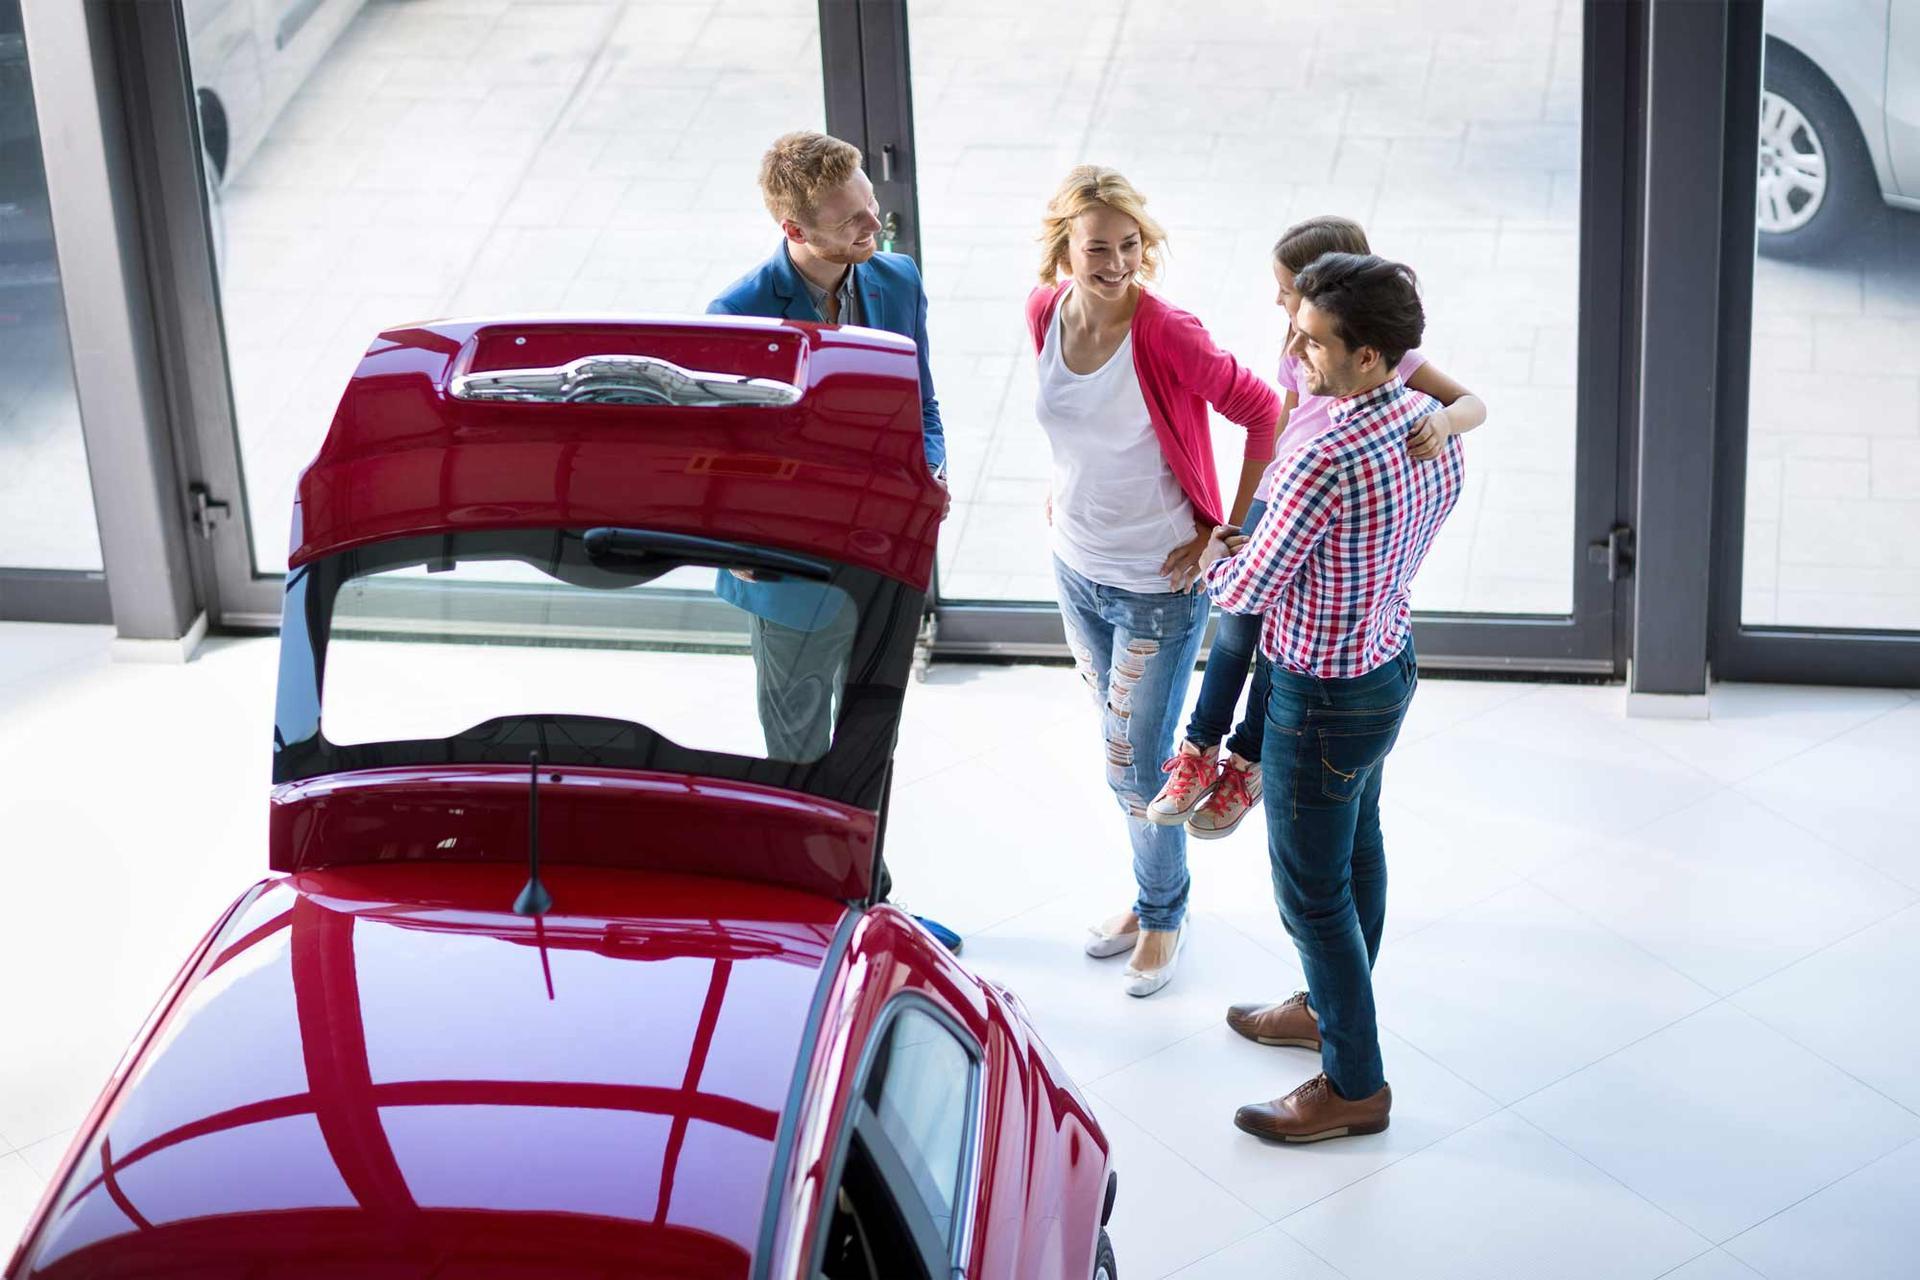 Autrado - Webportale für Autohändler: Fahrzeuge verwalten & vermarkten